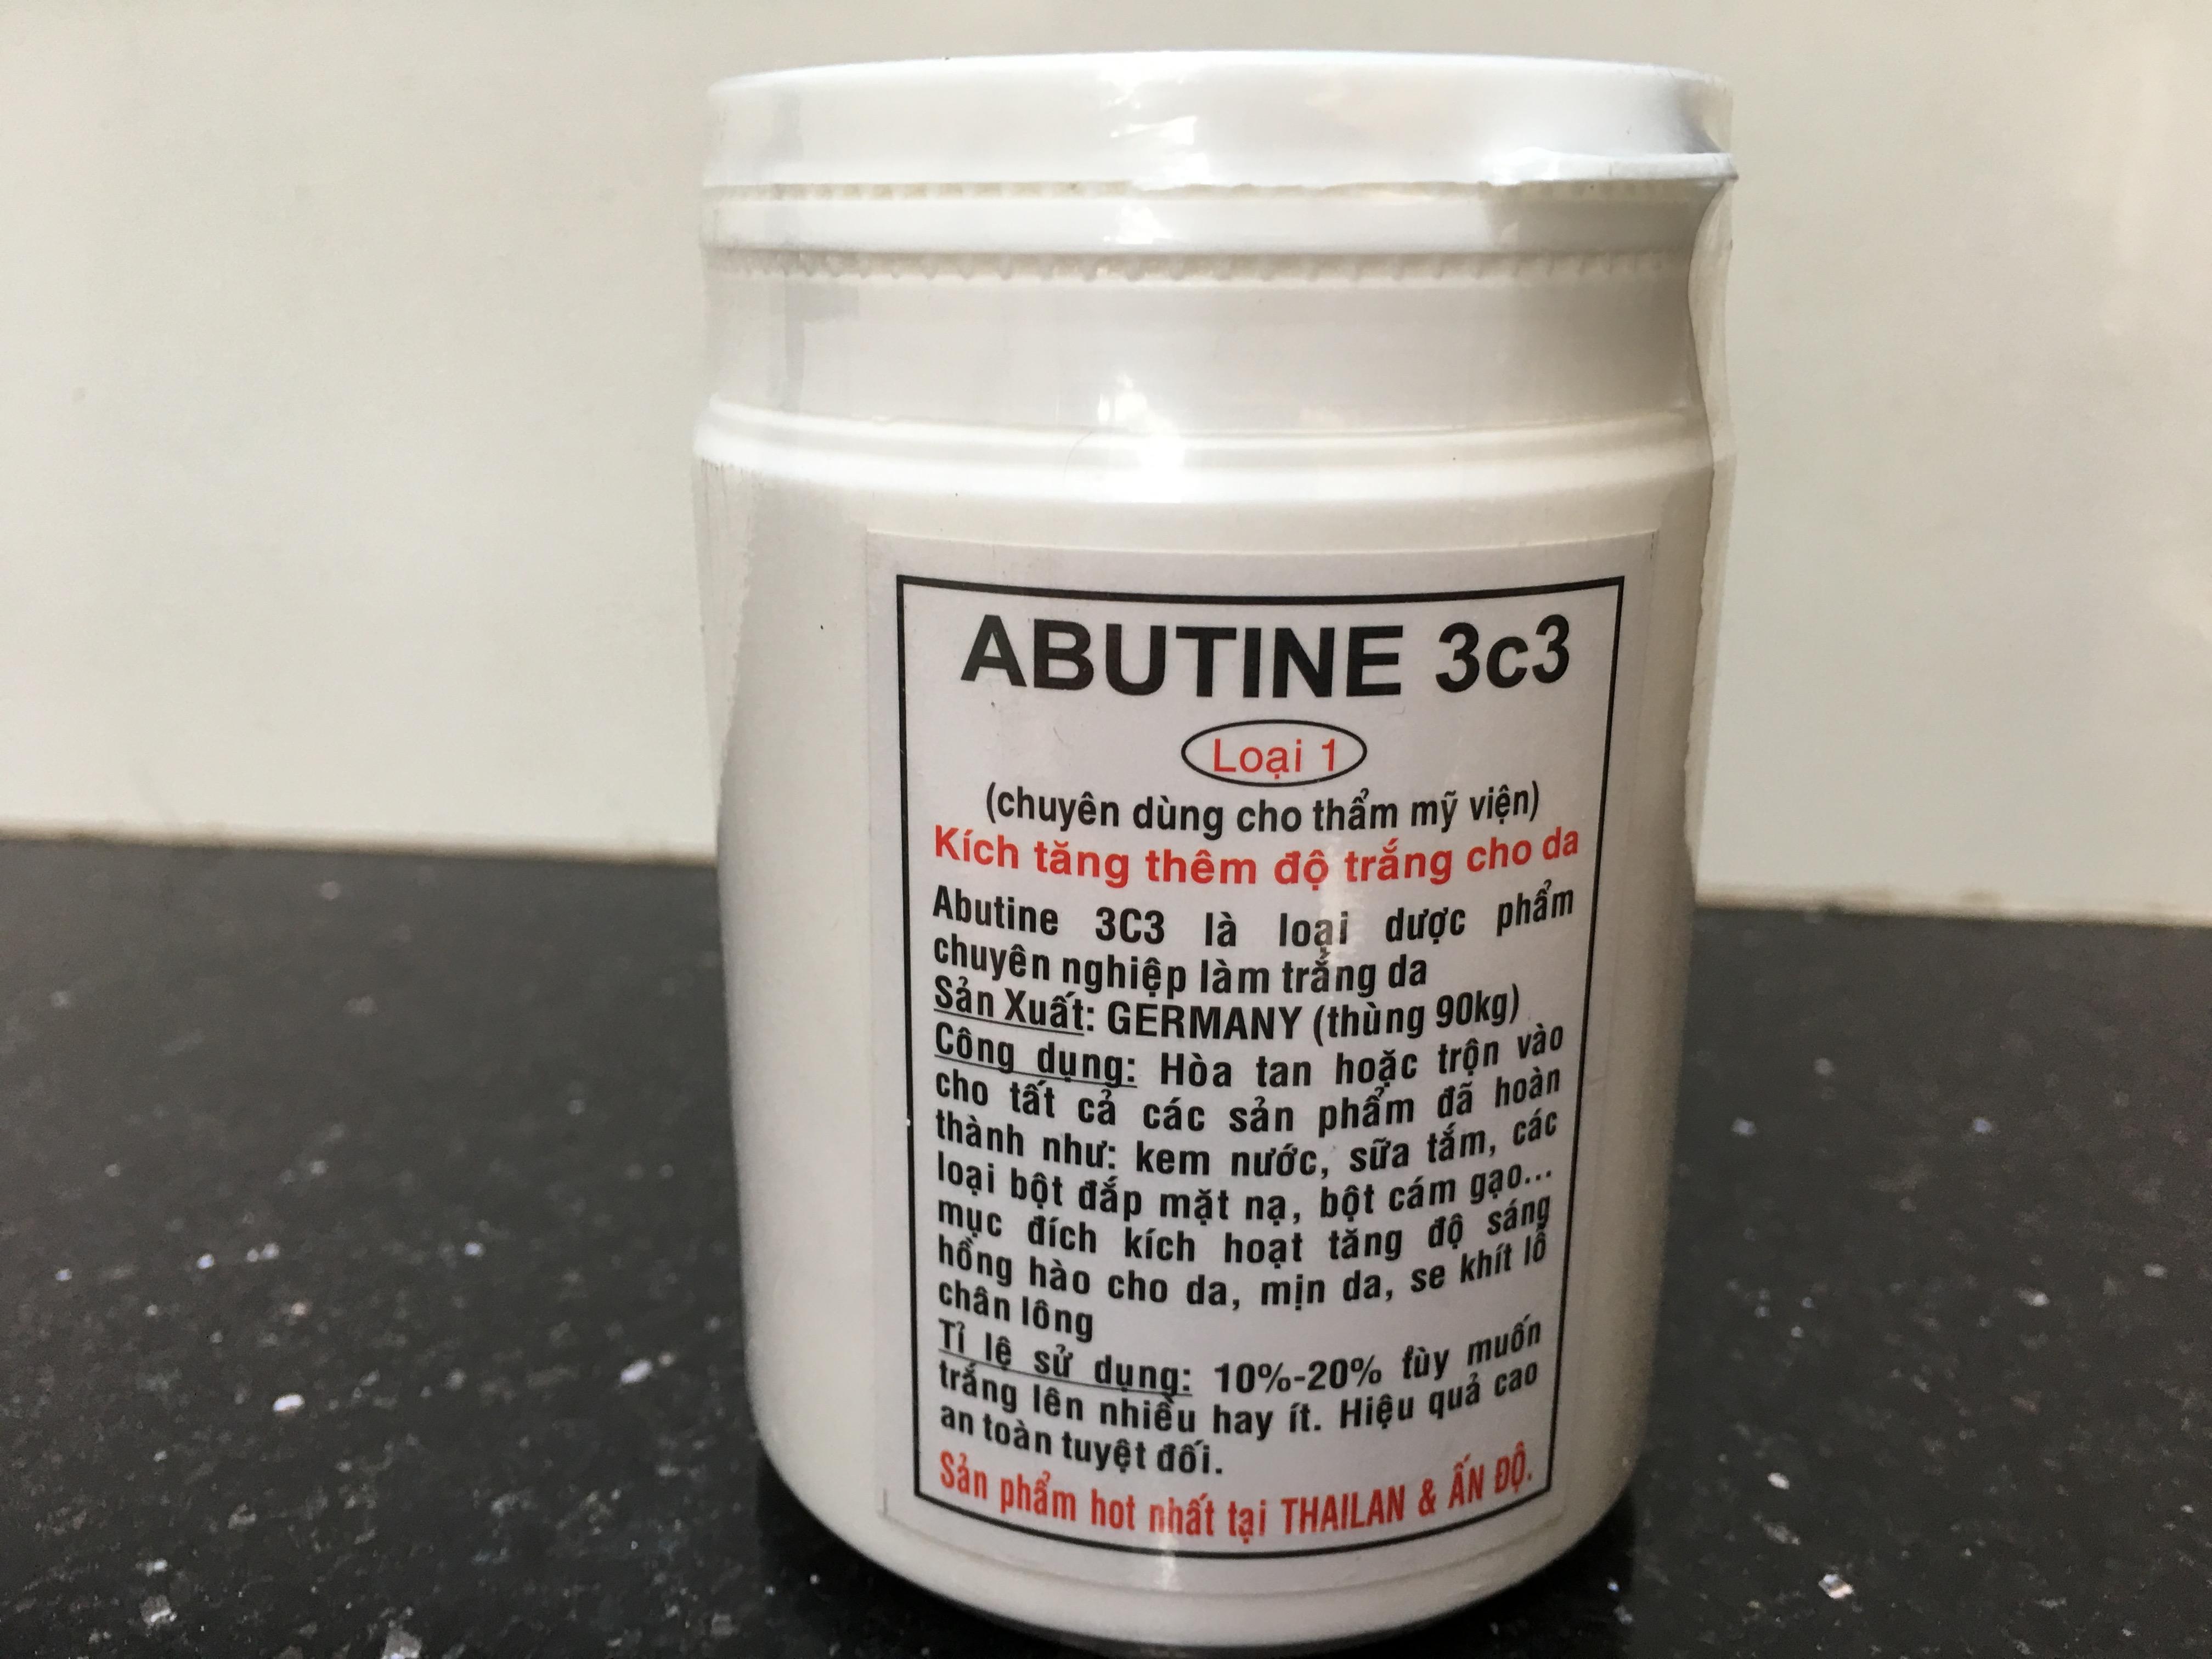 ABUTIN 3C3